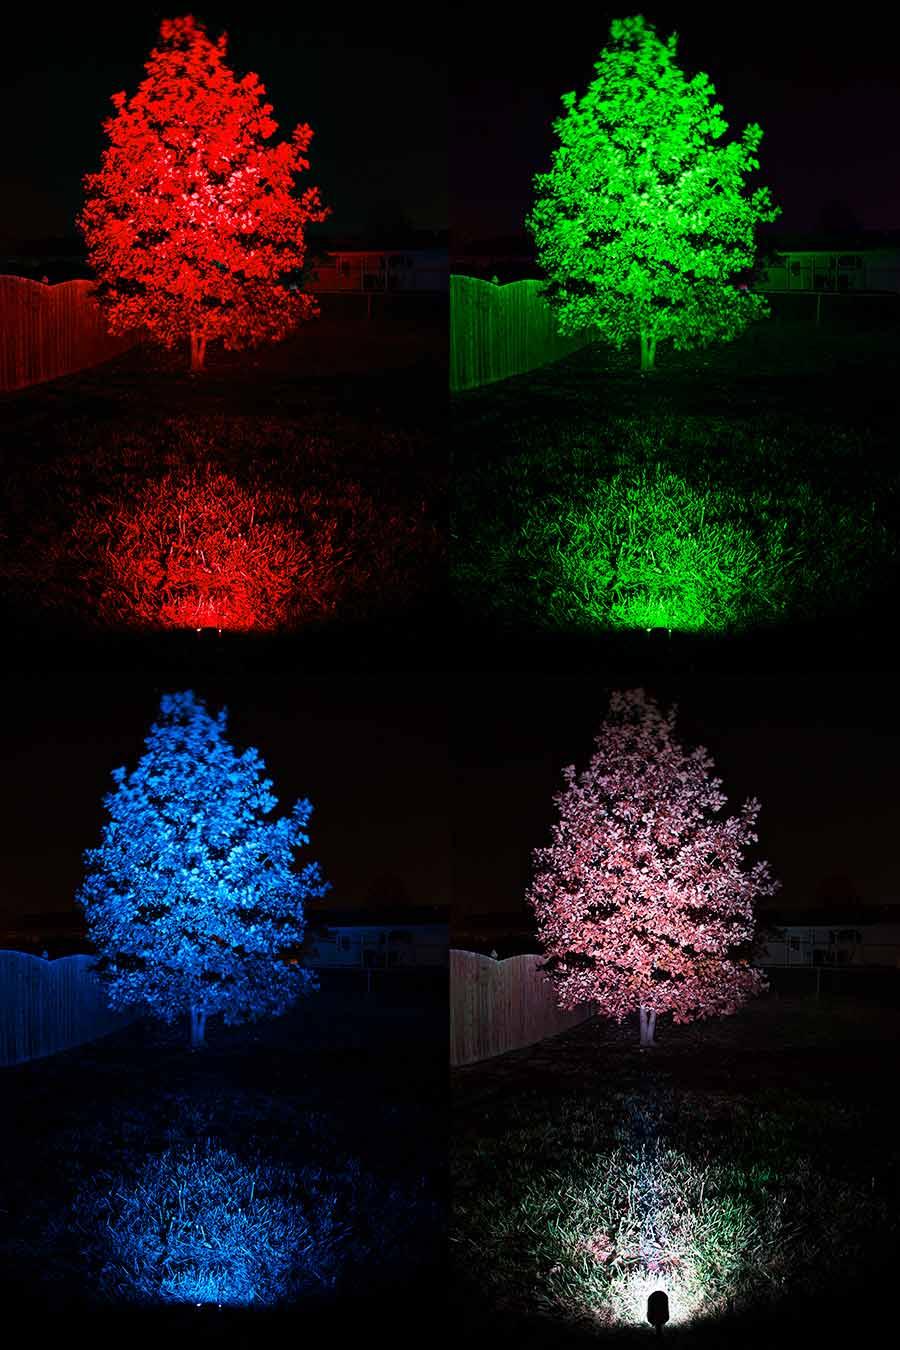 18w color changing rgb led landscape spotlight 525 for Landscape spotlights